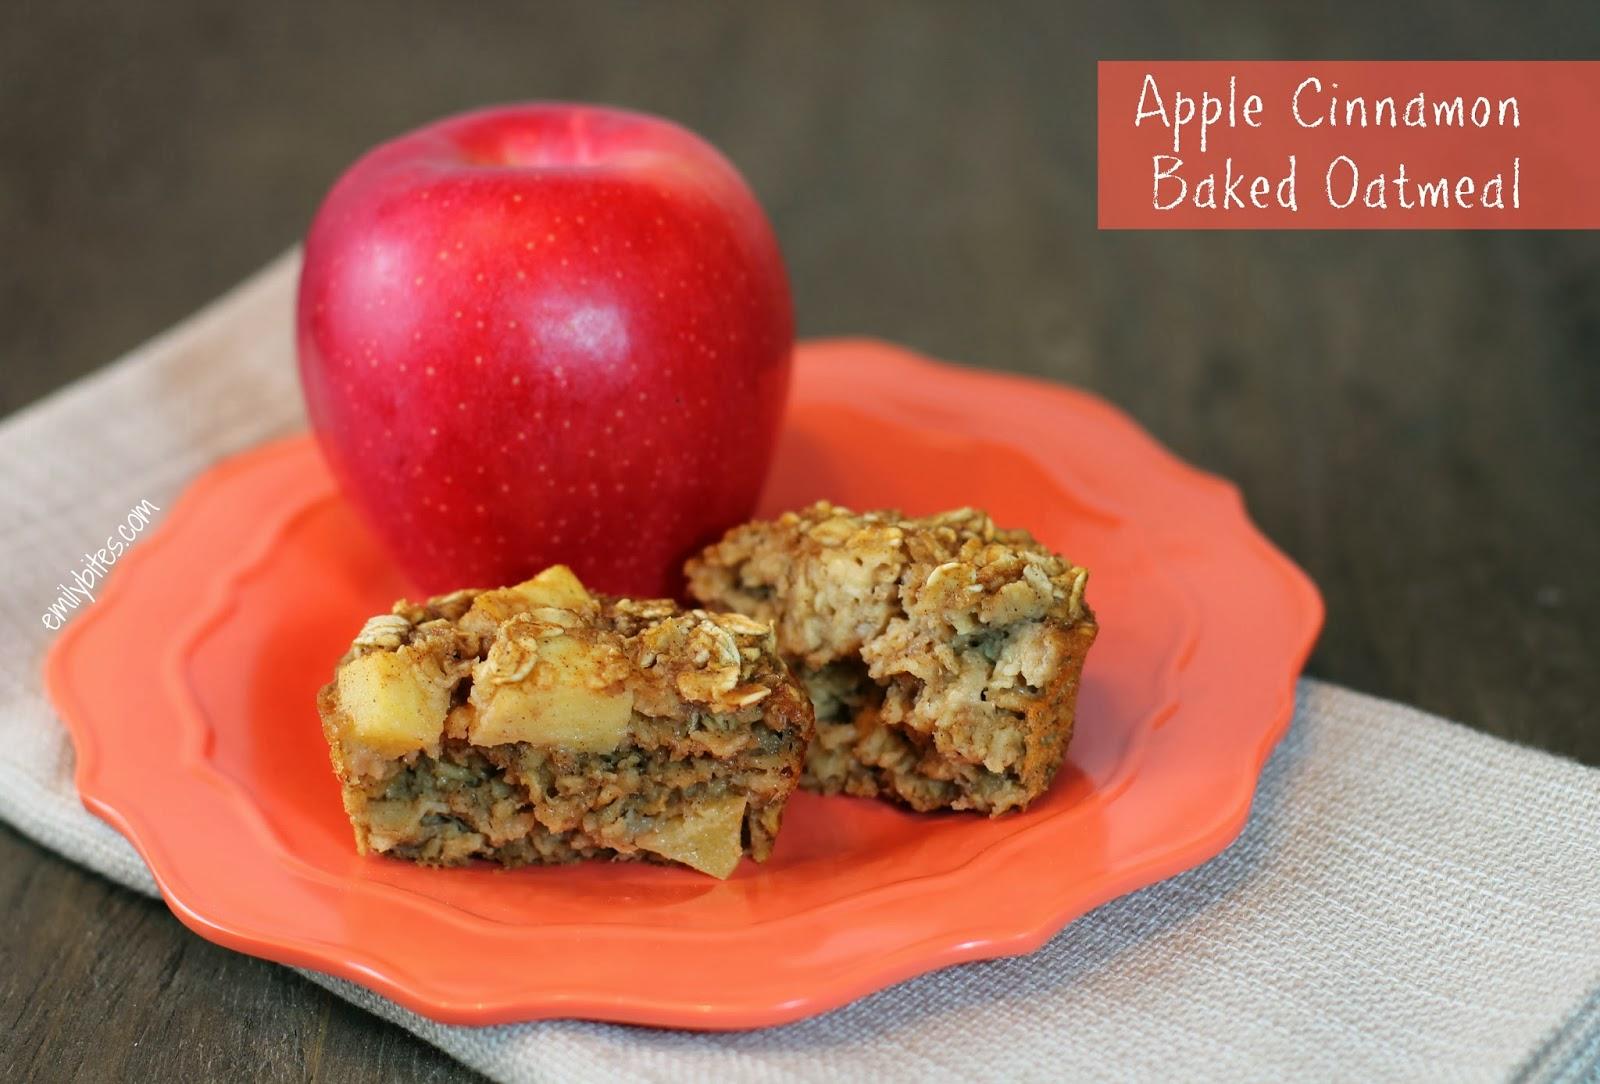 Apple Cinnamon Baked Oatmeal Singles - Emily Bites